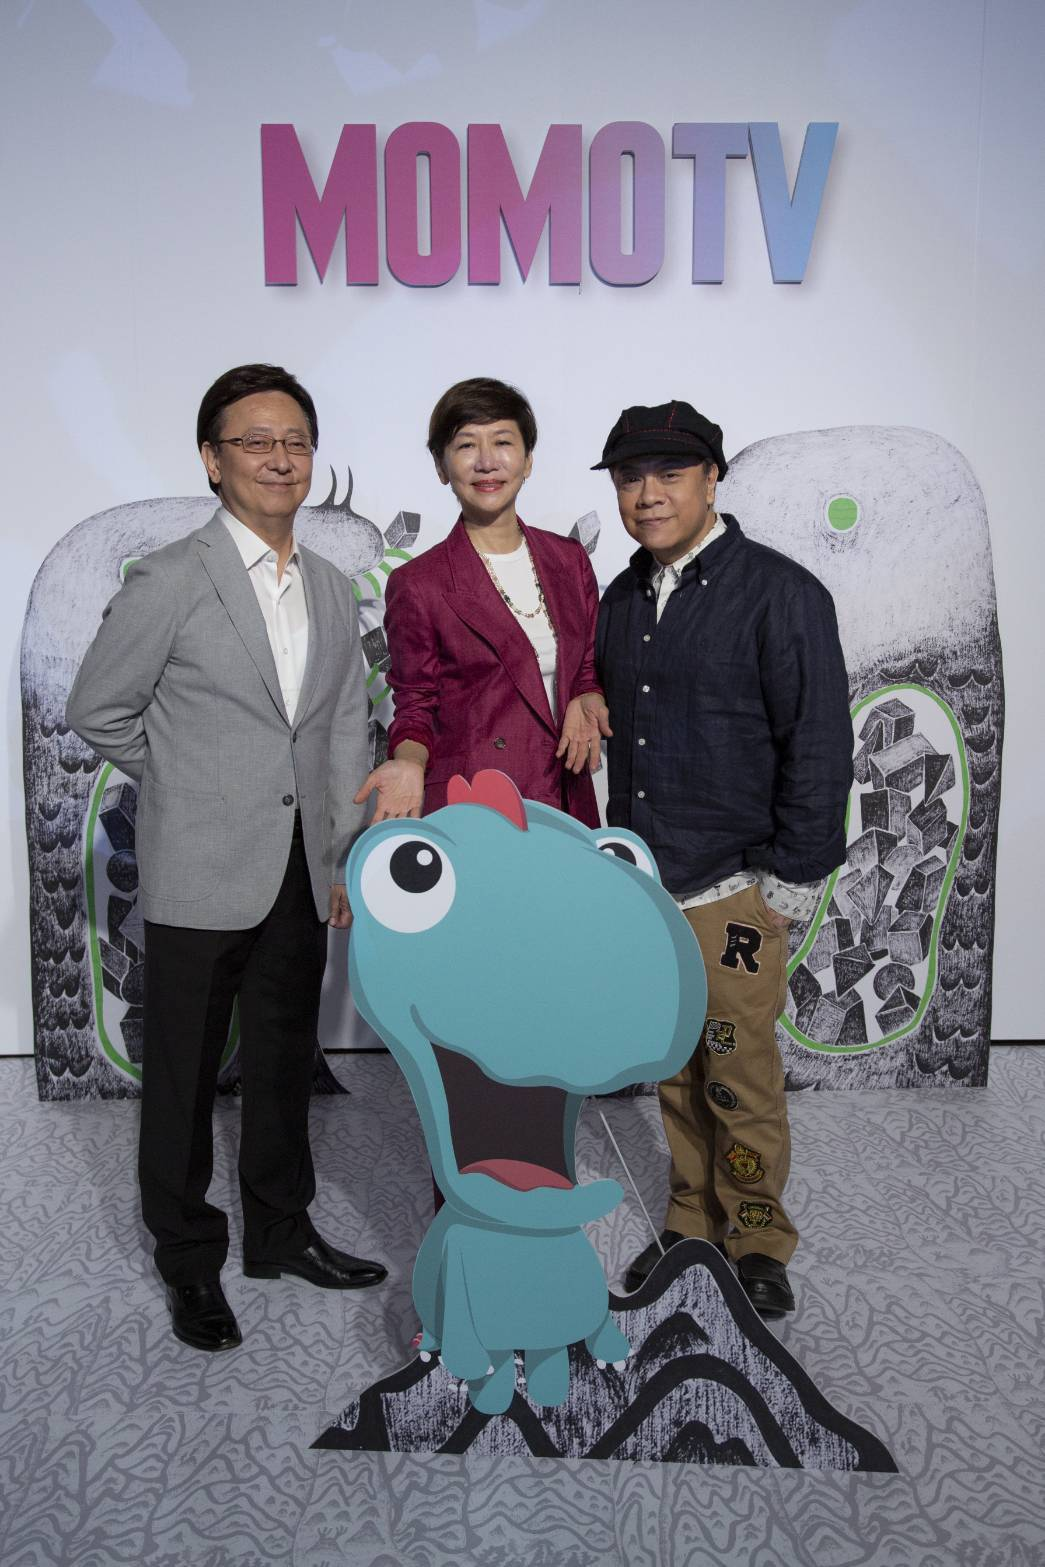 蔡康永、陳藹玲與李四端現身記者會。圖/MOMOTV提供